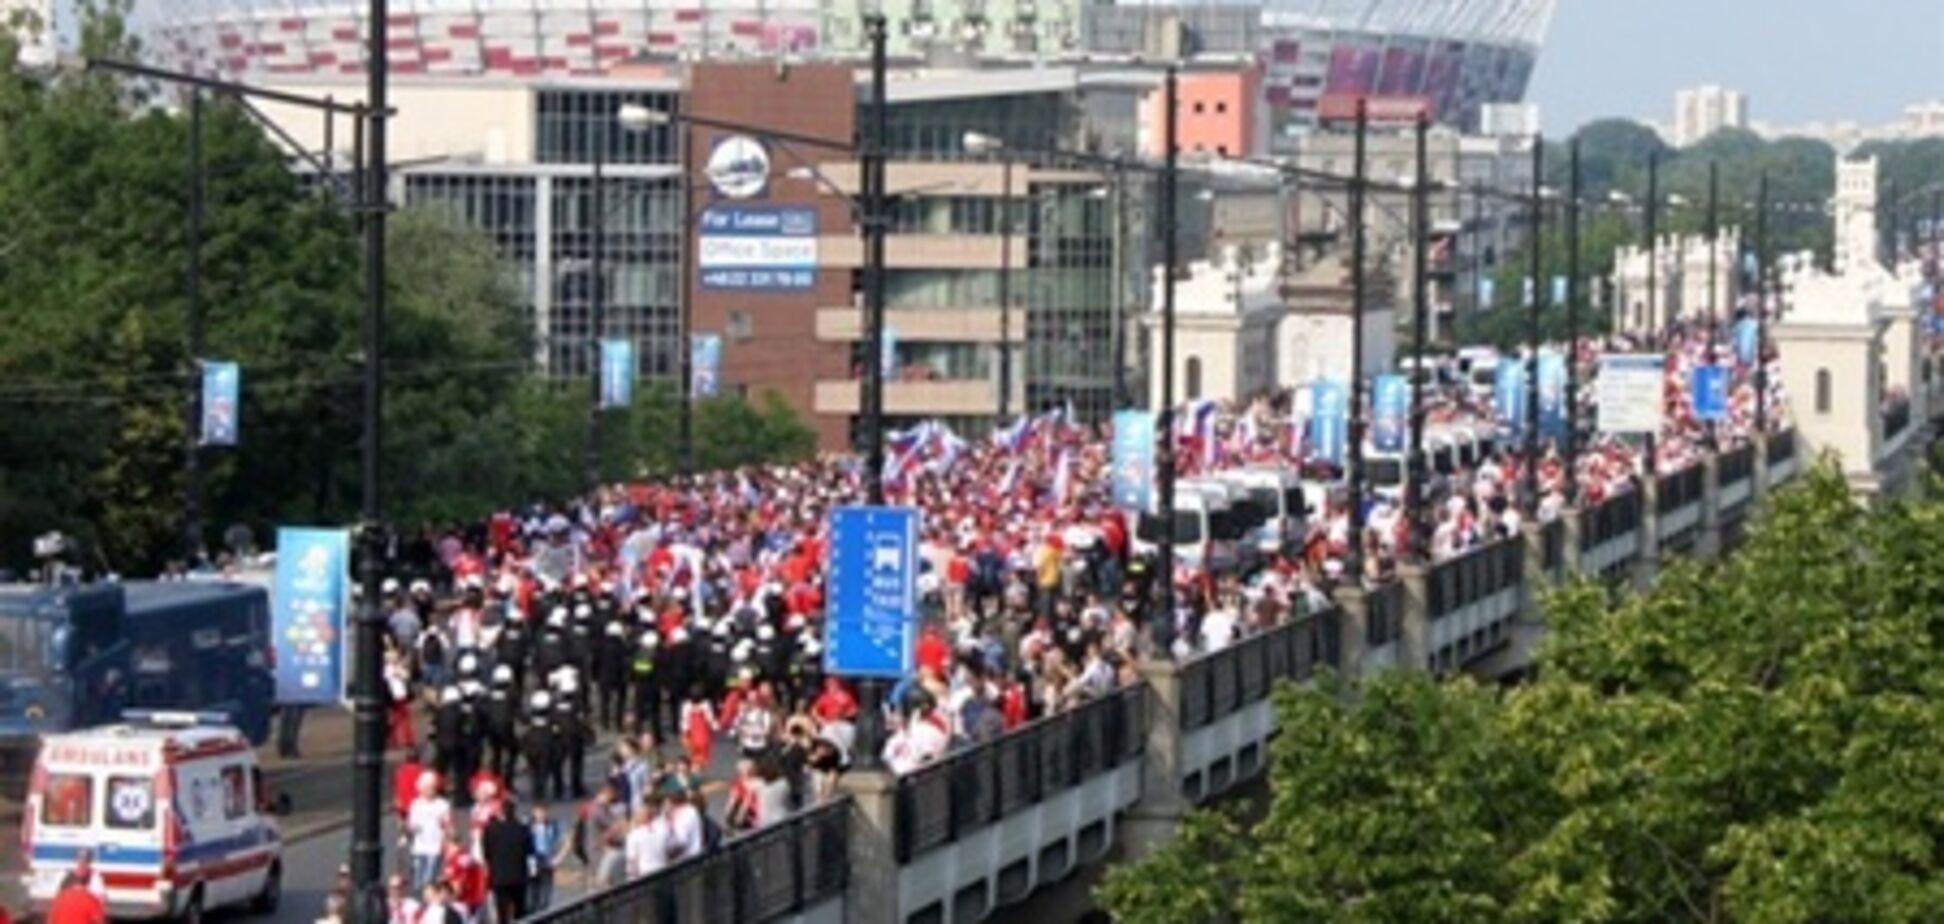 Польско-русская битва на улицах Варшавы. Фото. Видео